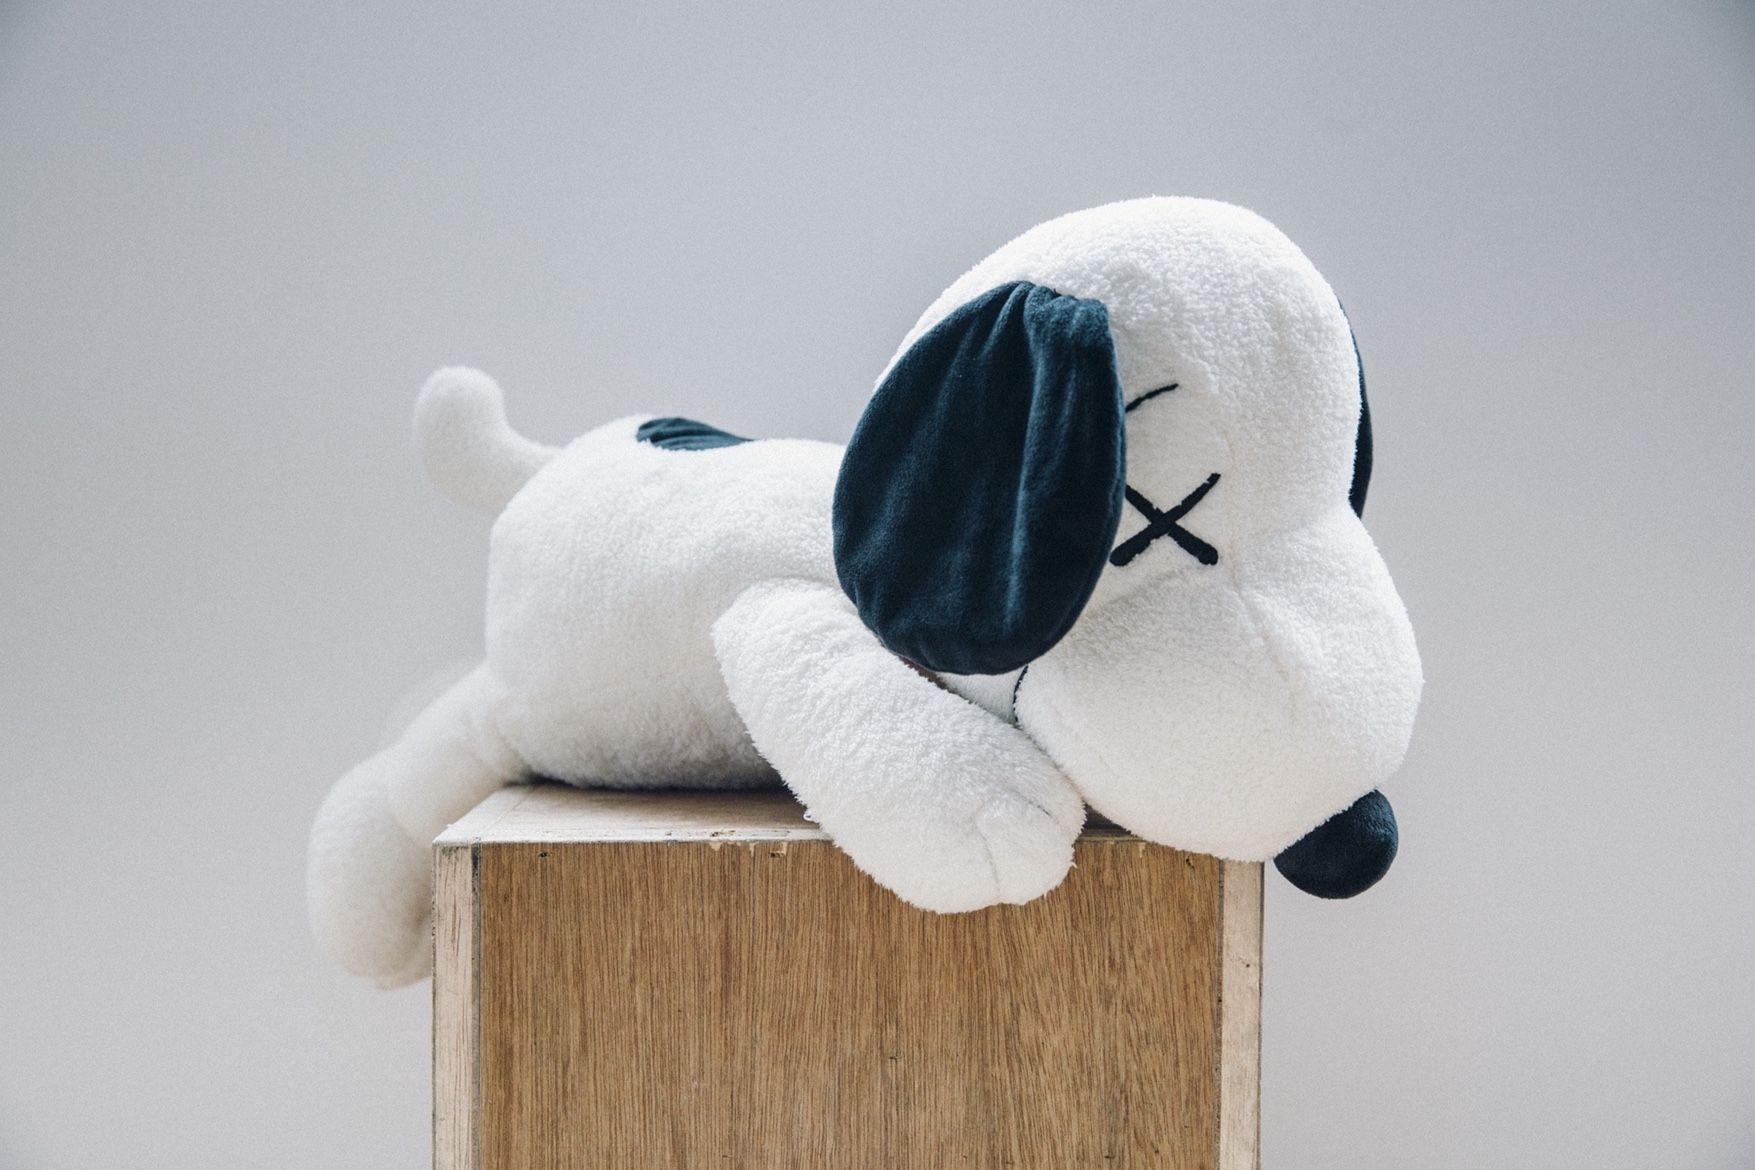 fda655dffa Kaws x Uniqlo x Peanuts Snoopy Plush